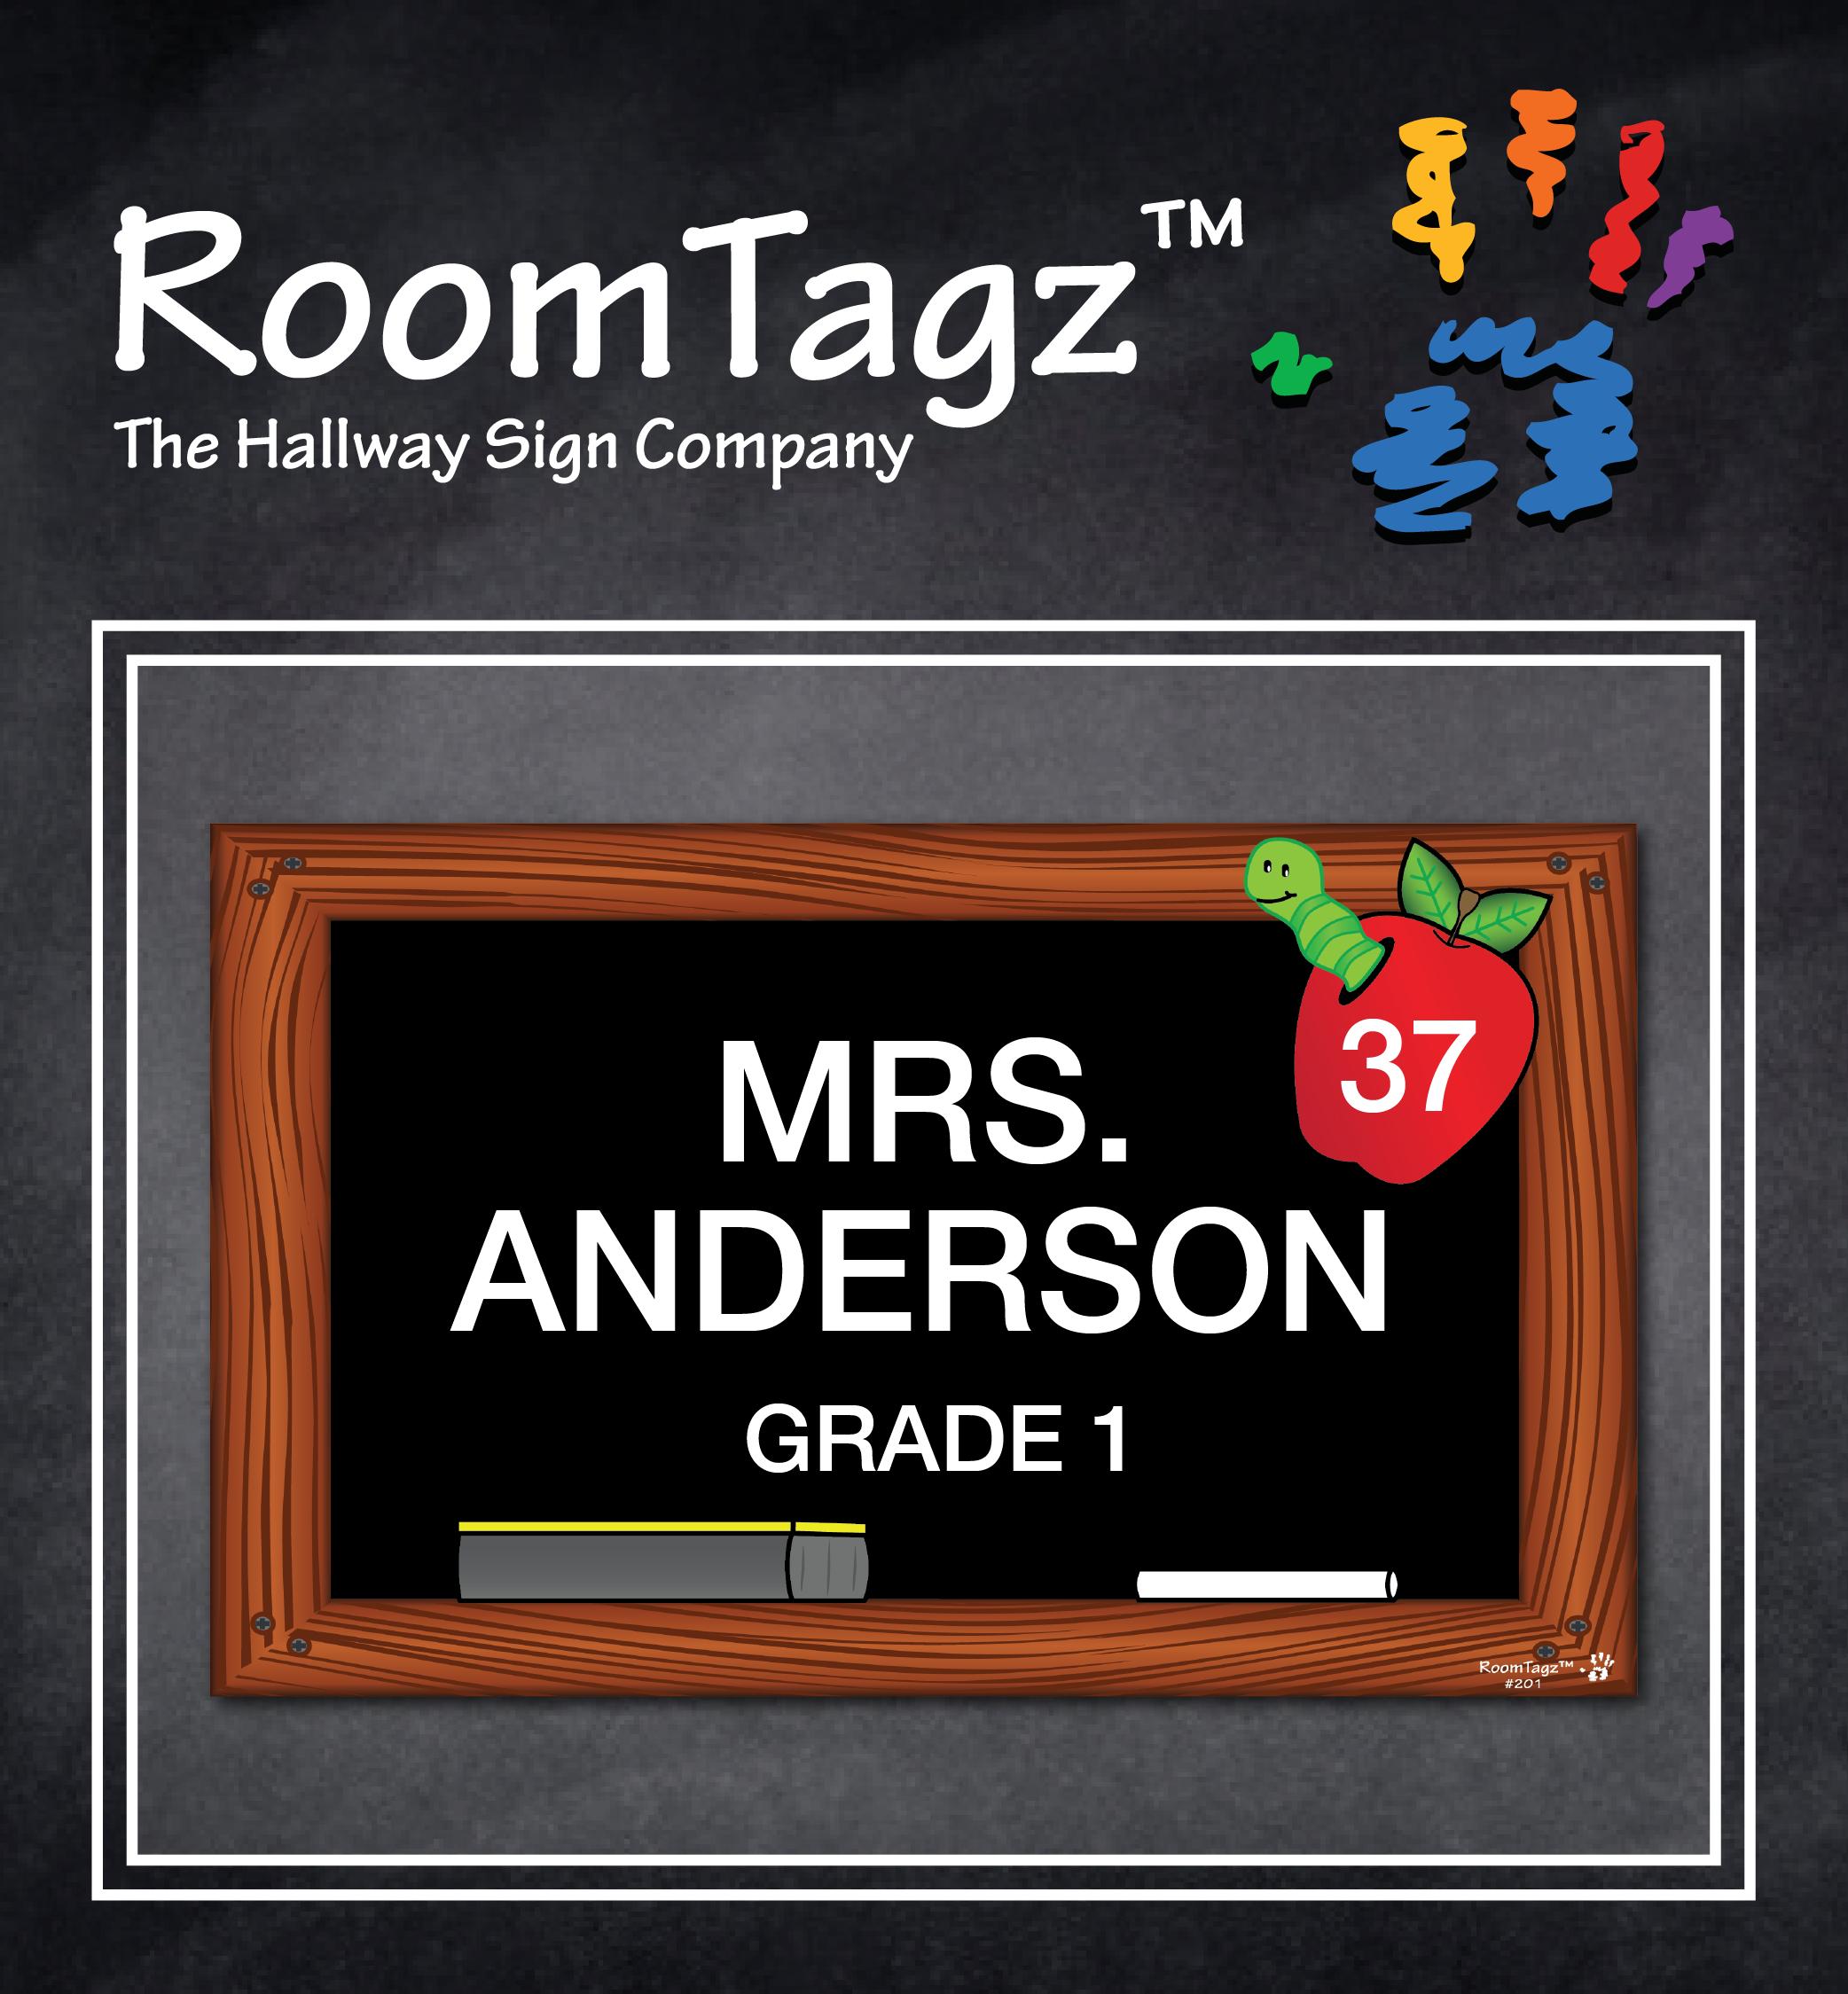 RoomTagz Custom Apple/Worm Hallway Sign. We Create Custom